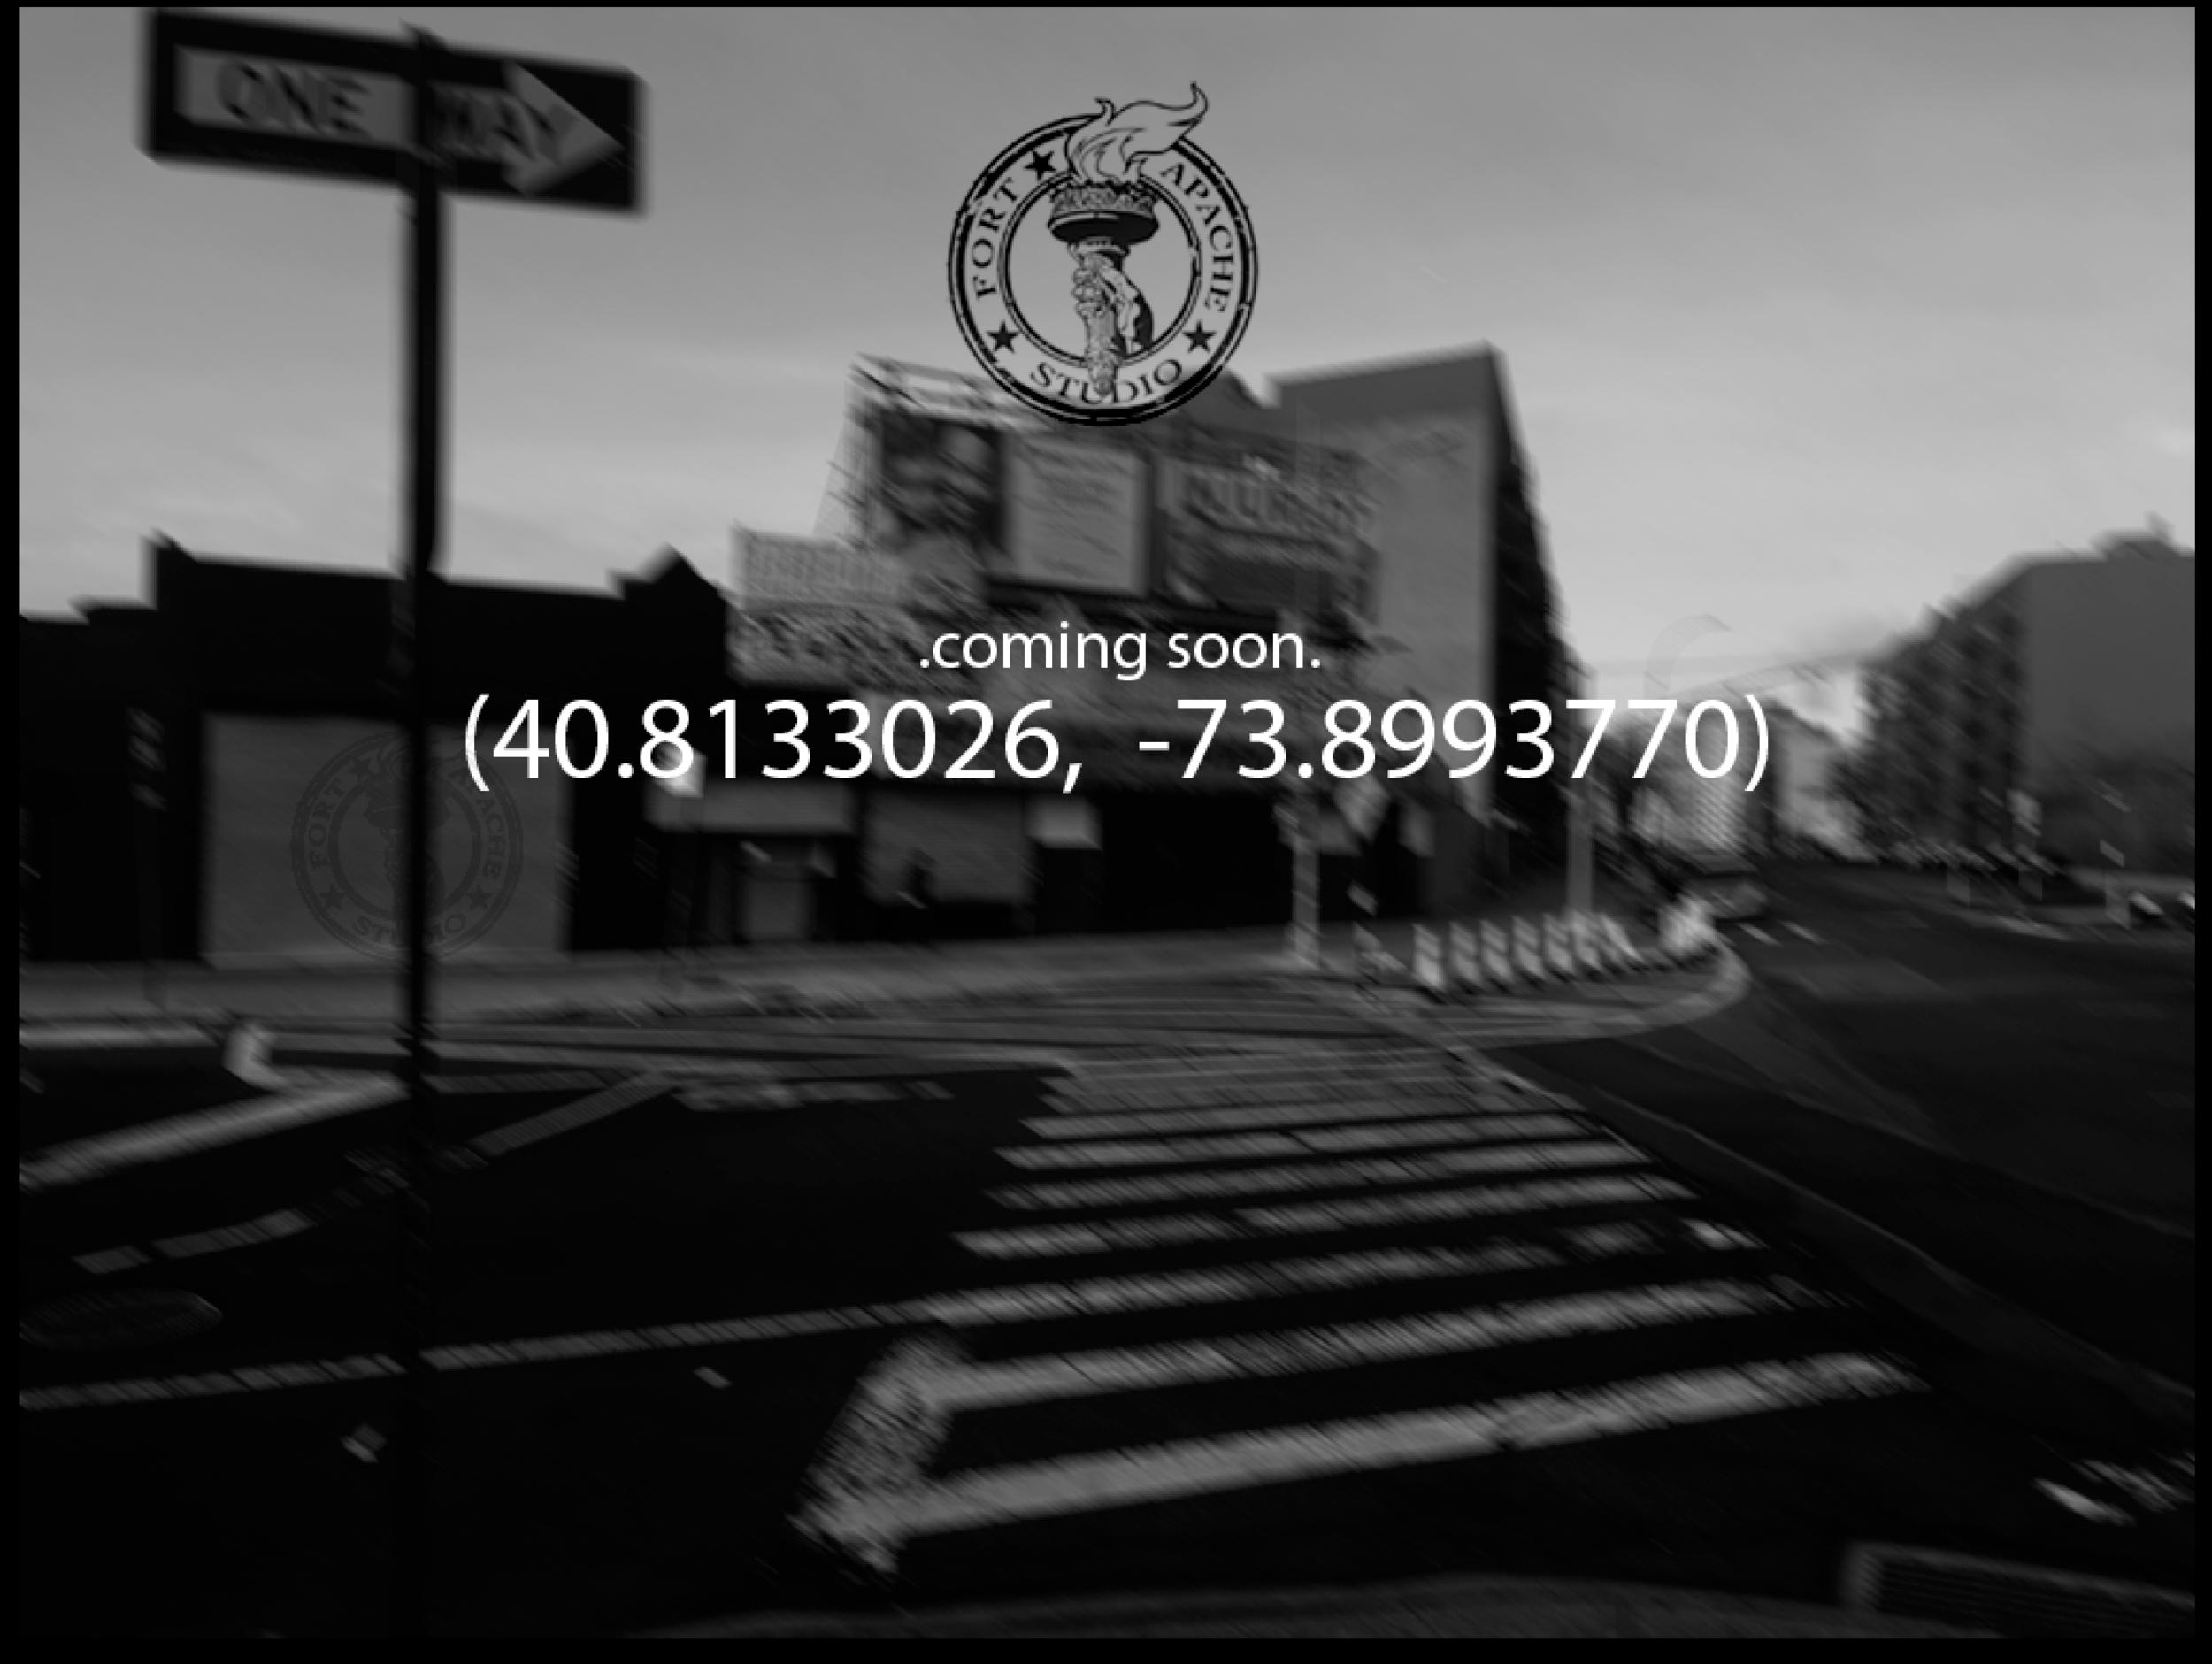 Screen Shot 2019-05-09 at 1.51.19 AM.png